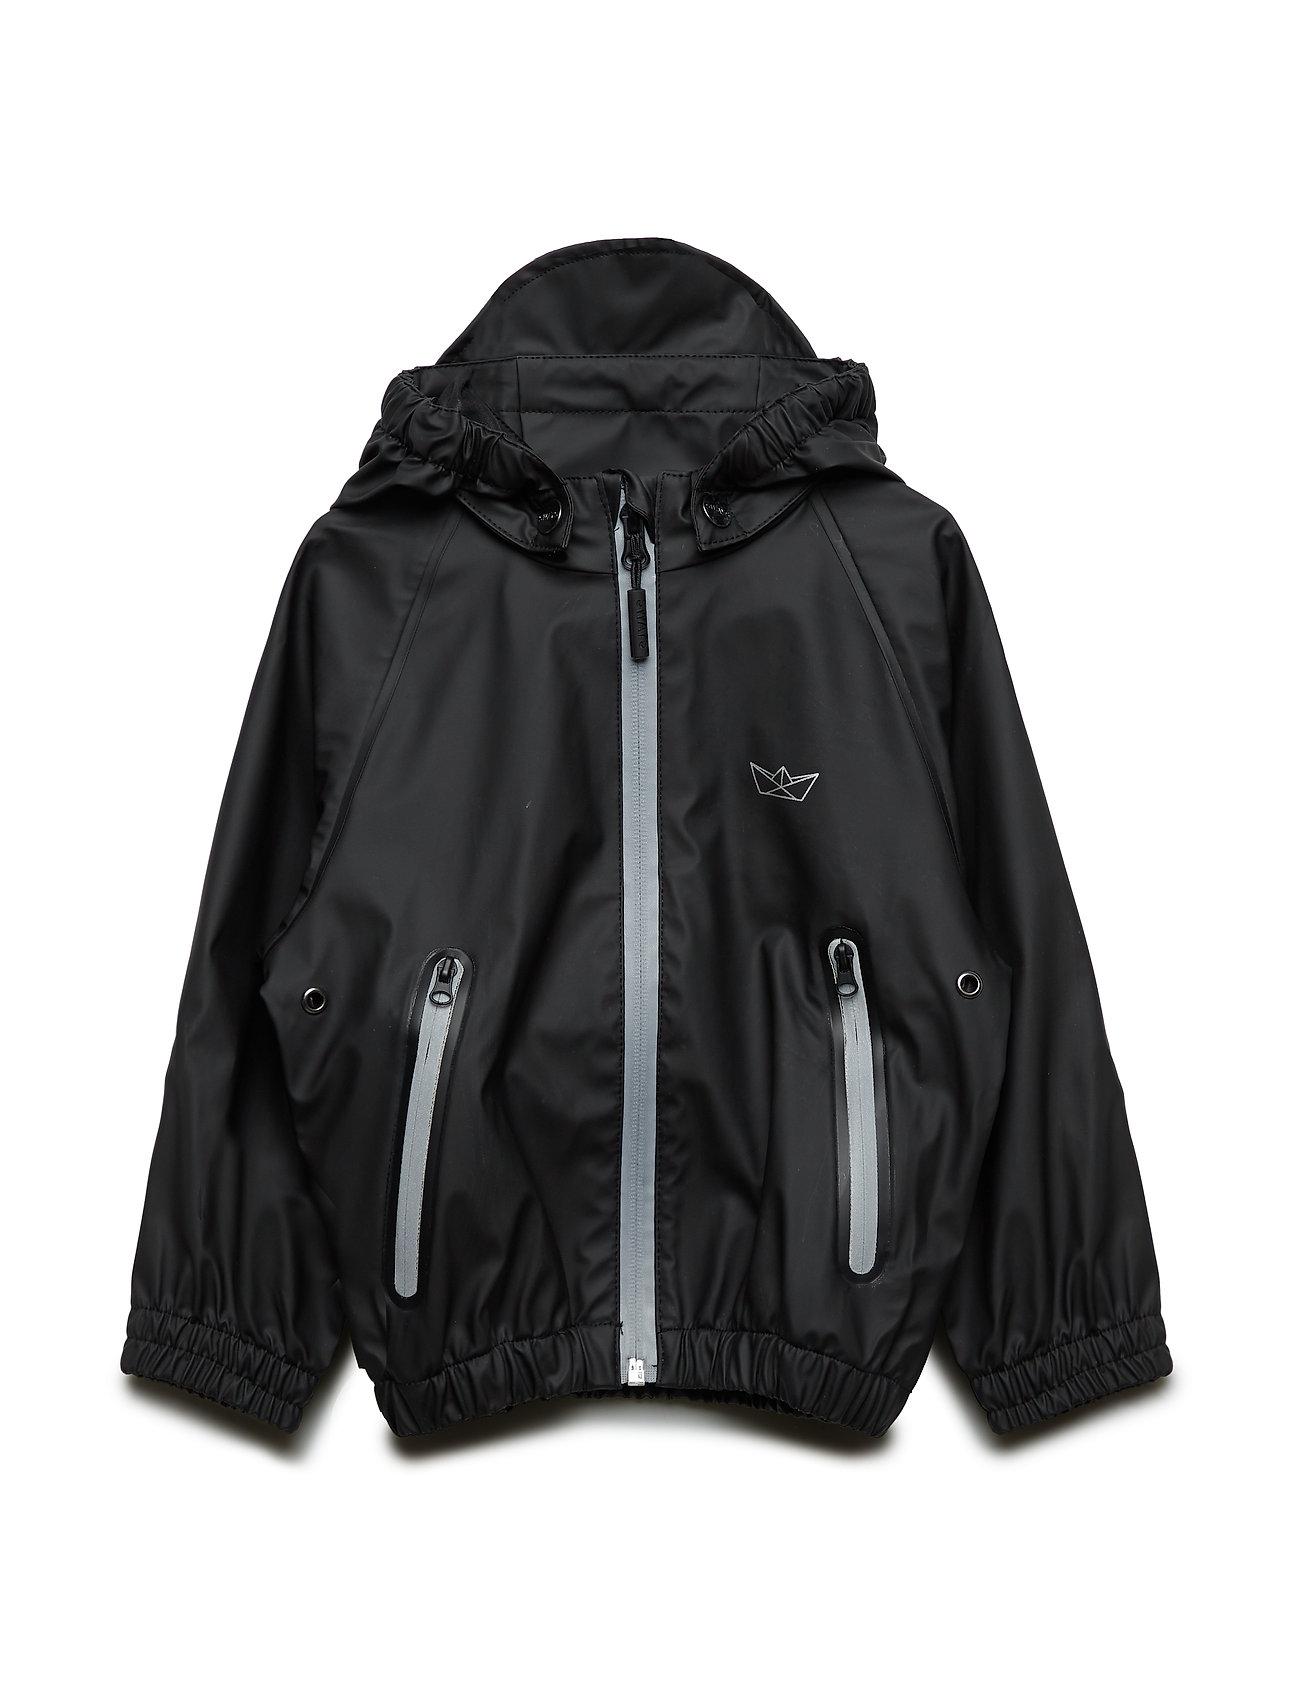 SWAYS Crew Jacket